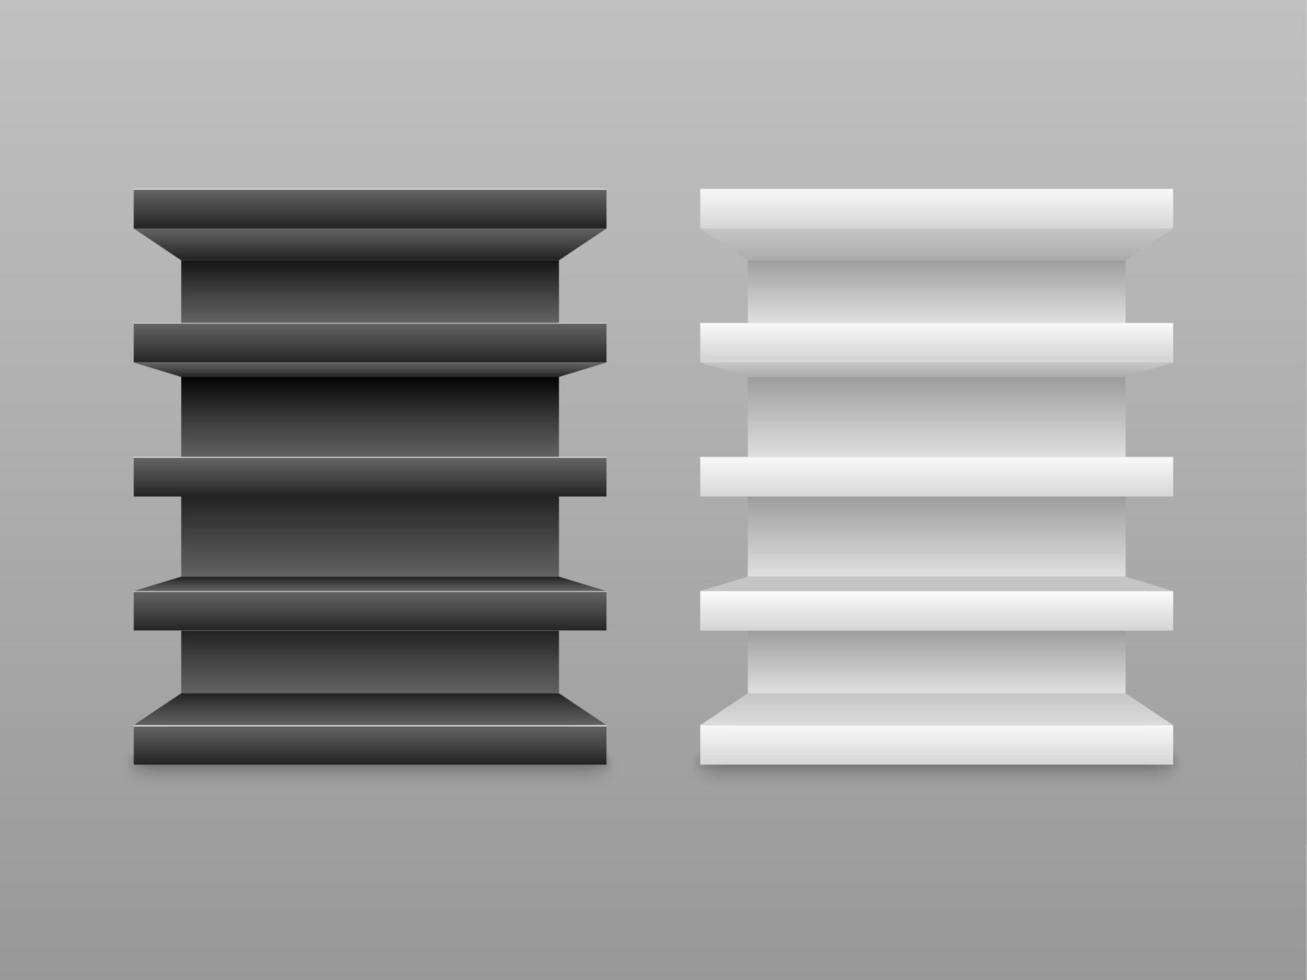 étagères vides en noir et blanc isolés sur fond gris, illustration vectorielle vecteur